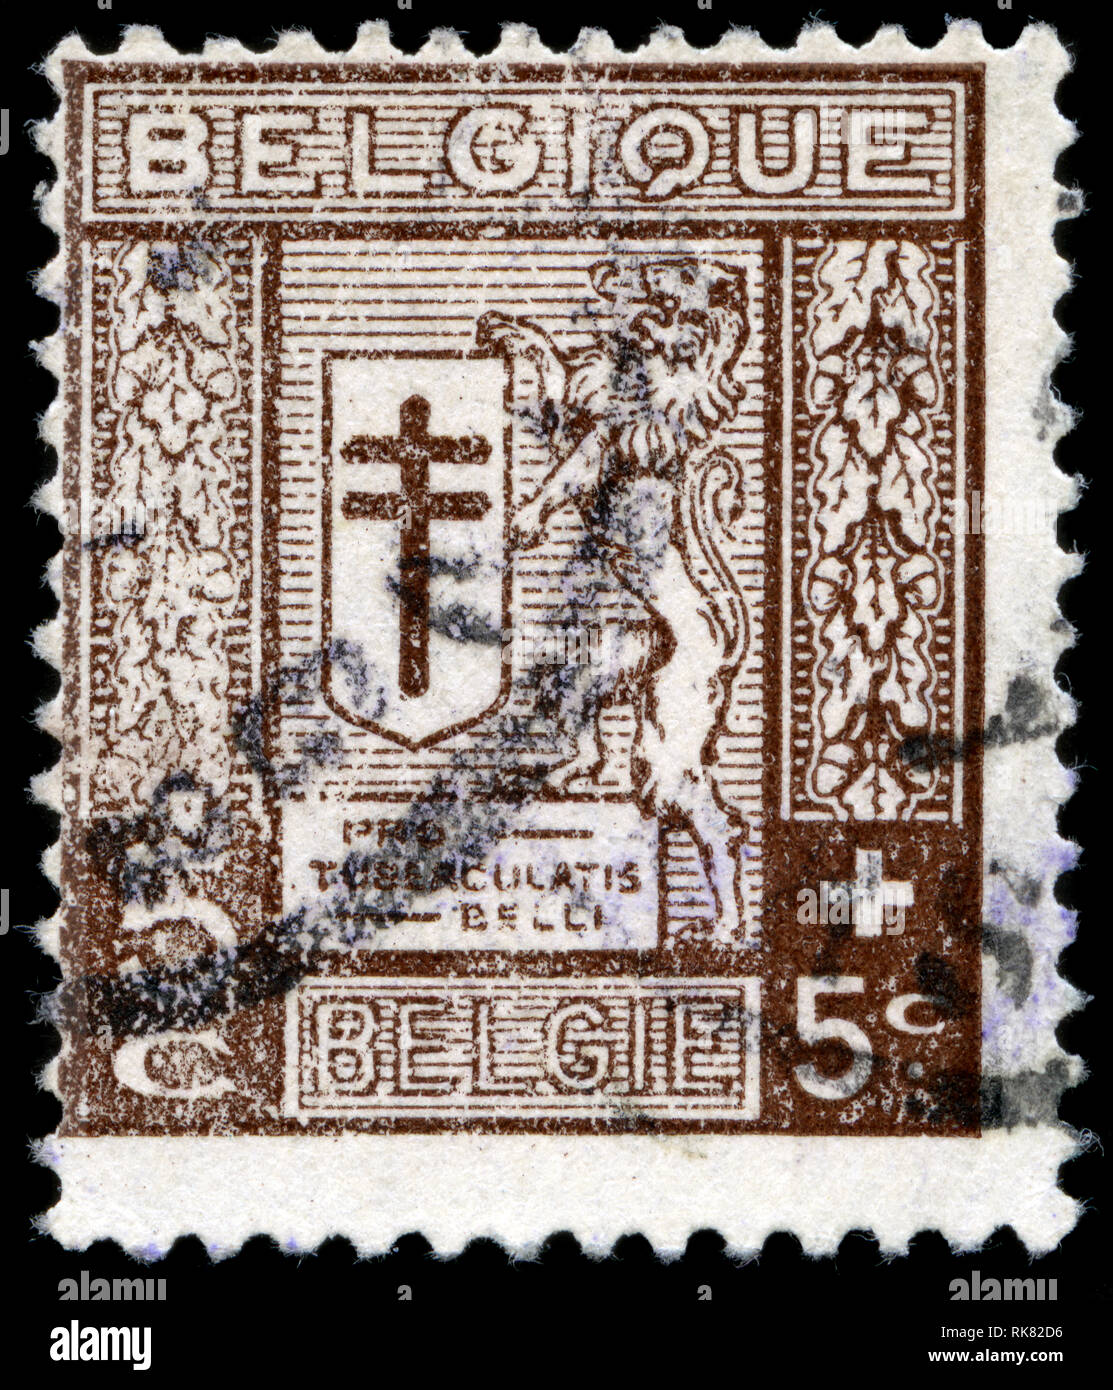 9892b4f909 Timbre-poste de la Belgique dans la lutte contre la tuberculose publié en  1926 série